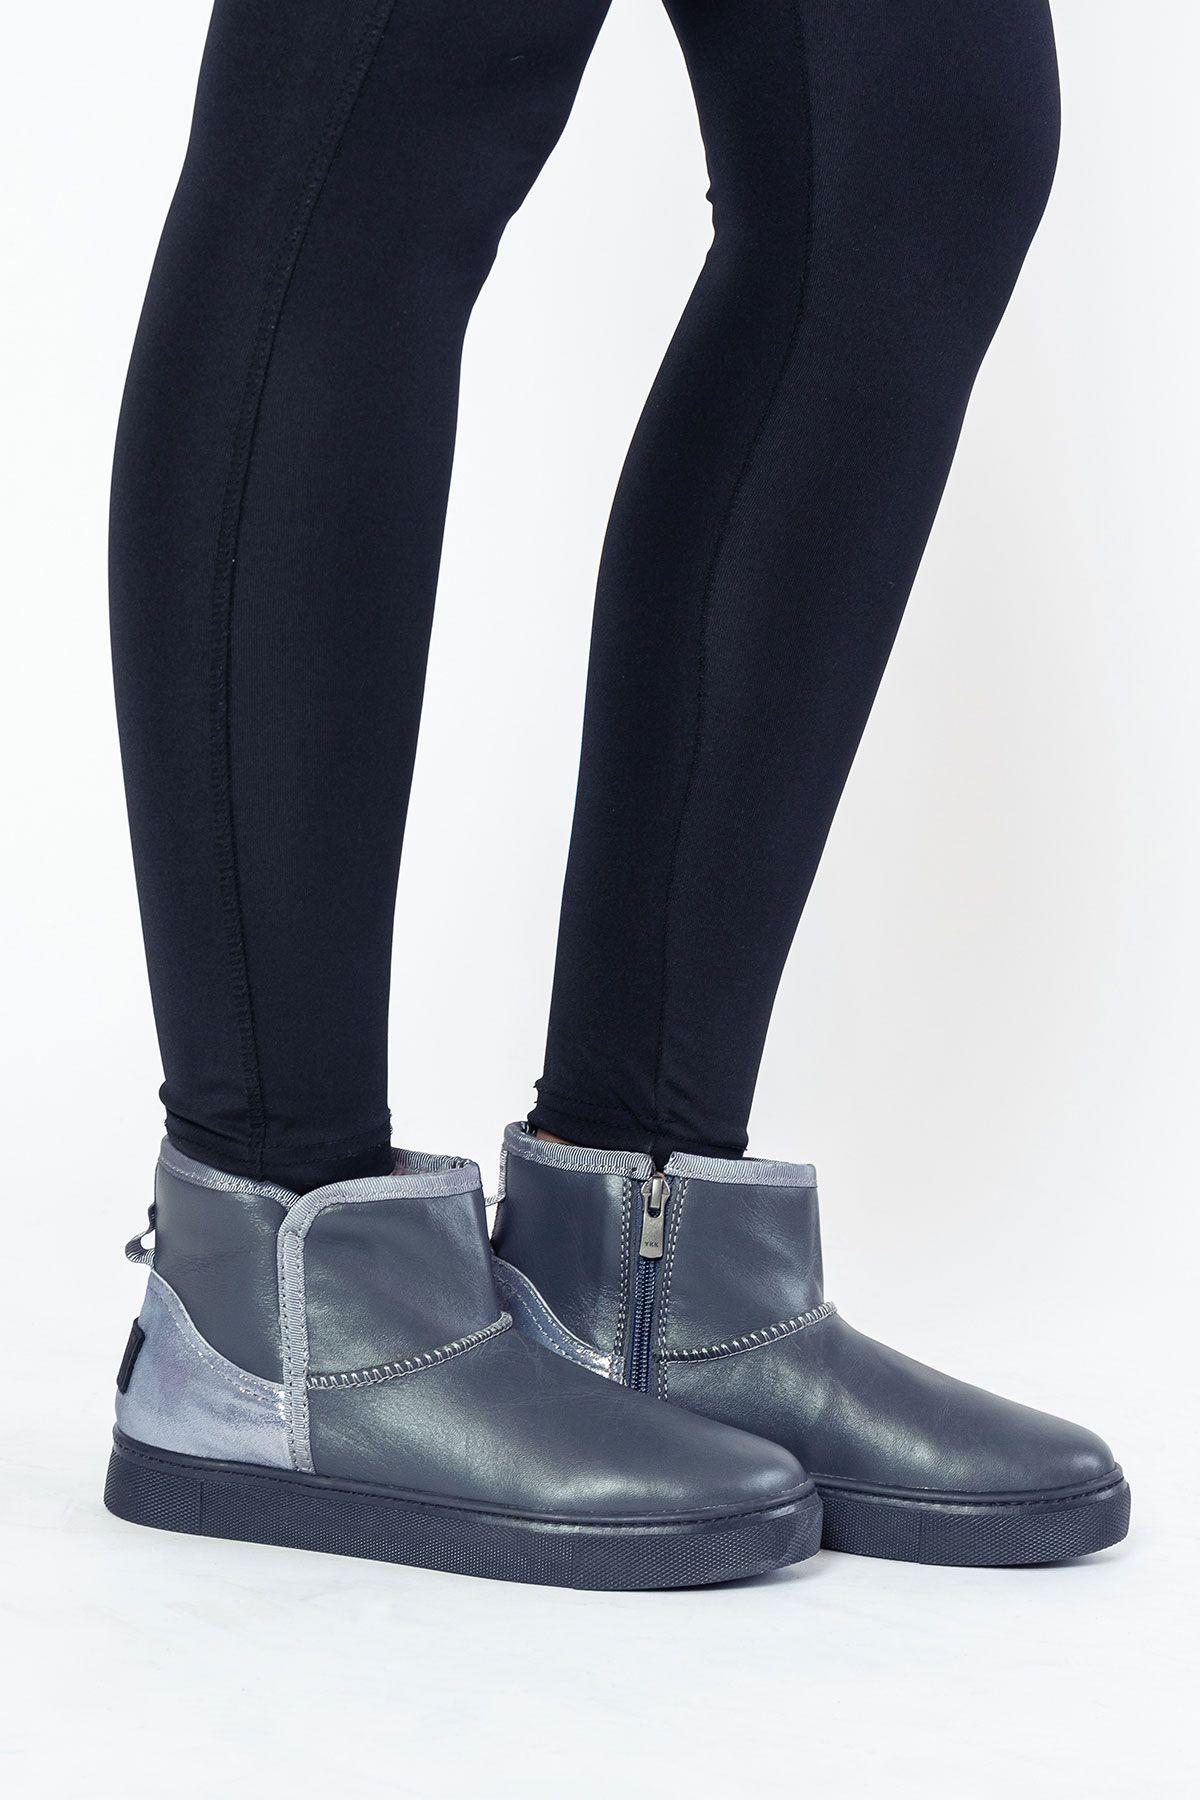 Pegia Женские Ботинки Из Натуральной Замши И Овечьего Меха На Застежке-Молнии 195015 Серый